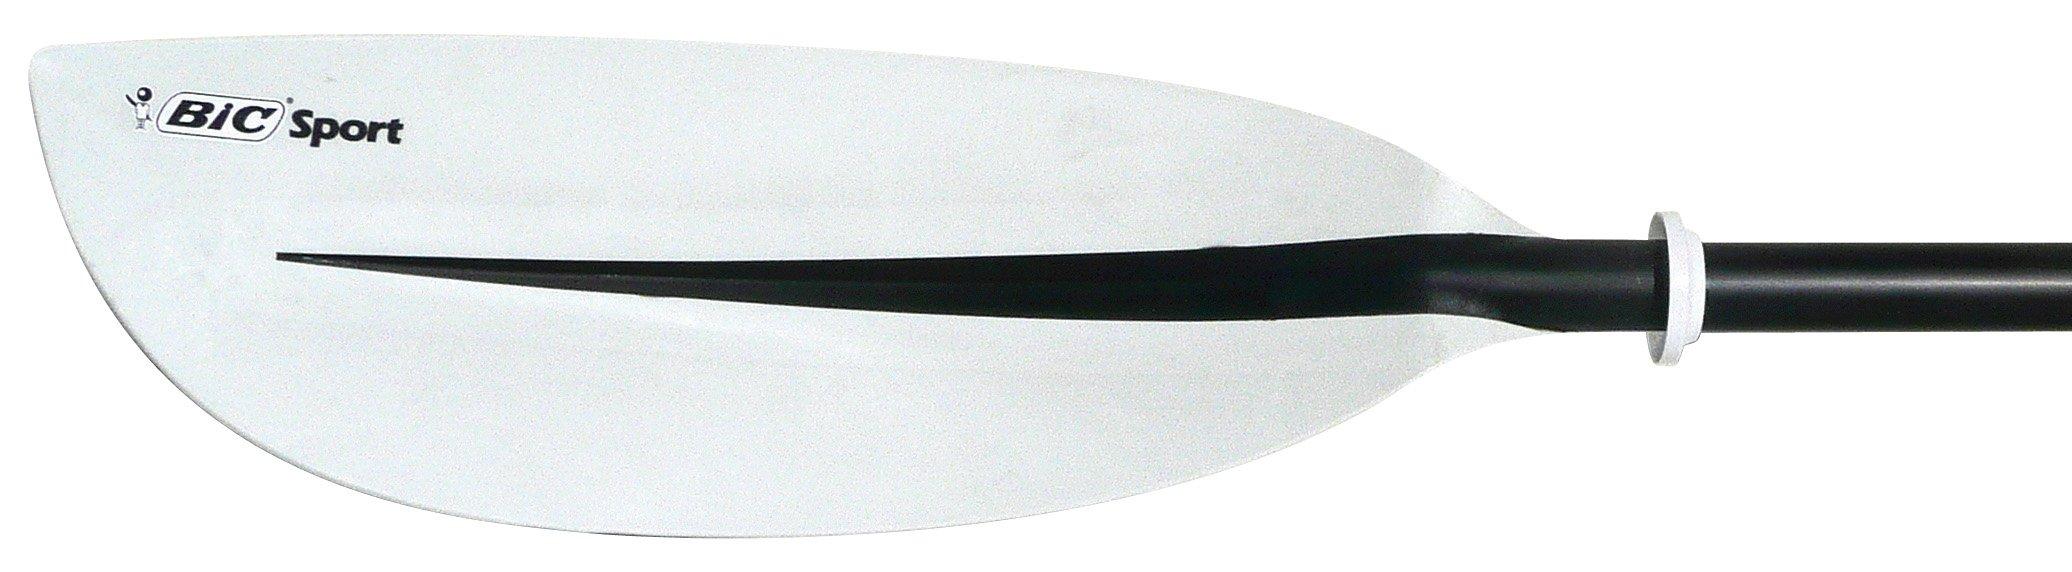 BIC Paddle Sport 4 partes 220 cm 1